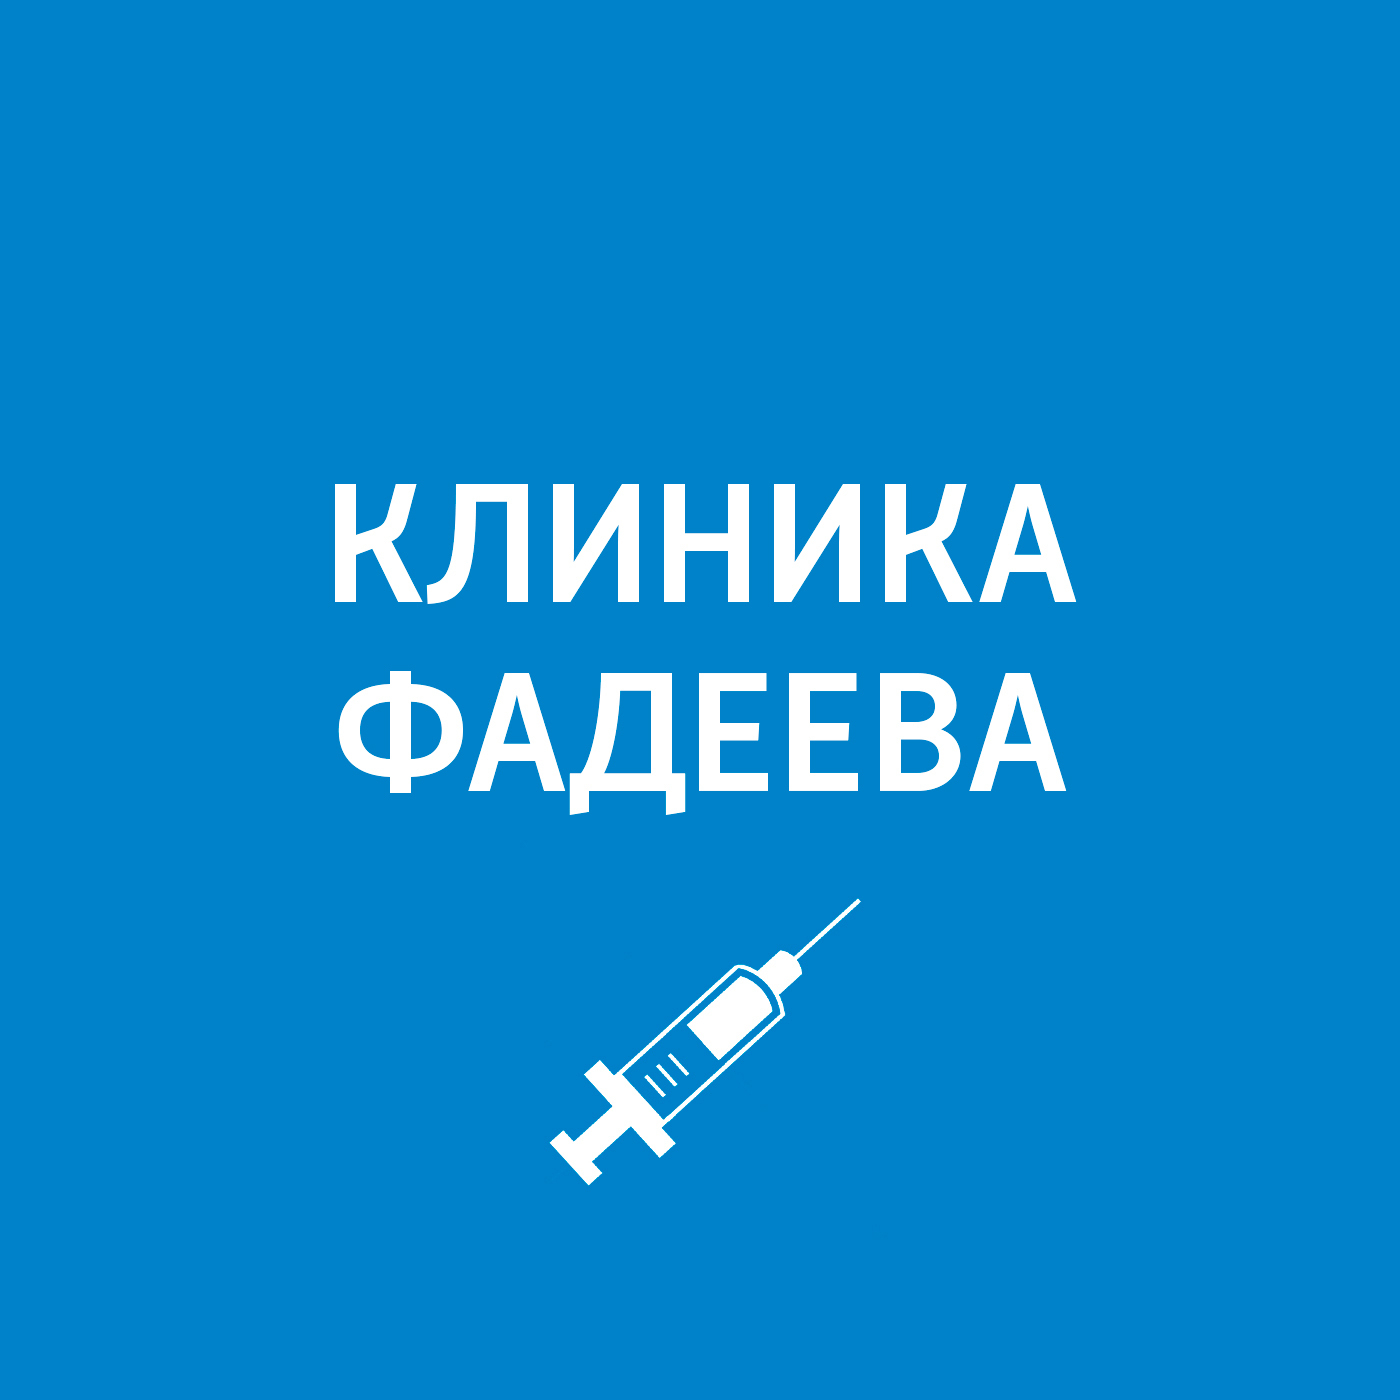 Пётр Фадеев Травмы на льду цена 2017